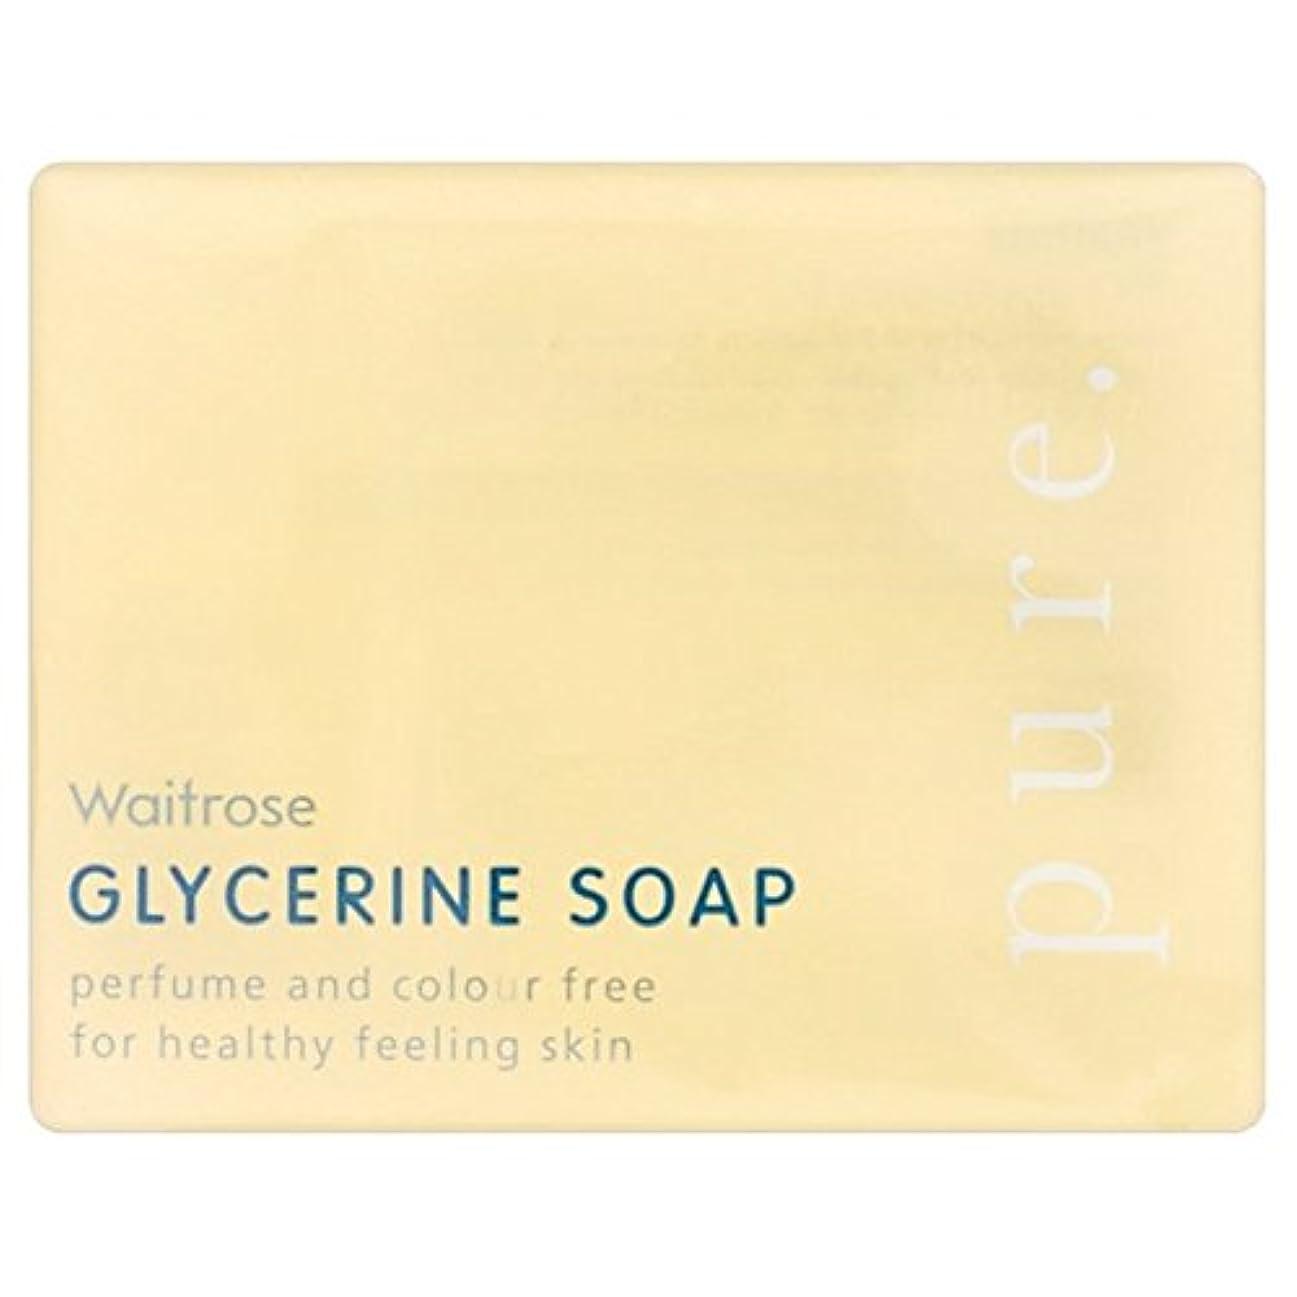 写真のマサッチョ反対にPure Glycerine Soap Waitrose 100g (Pack of 6) - 純粋なグリセリンソープウェイトローズの100グラム x6 [並行輸入品]